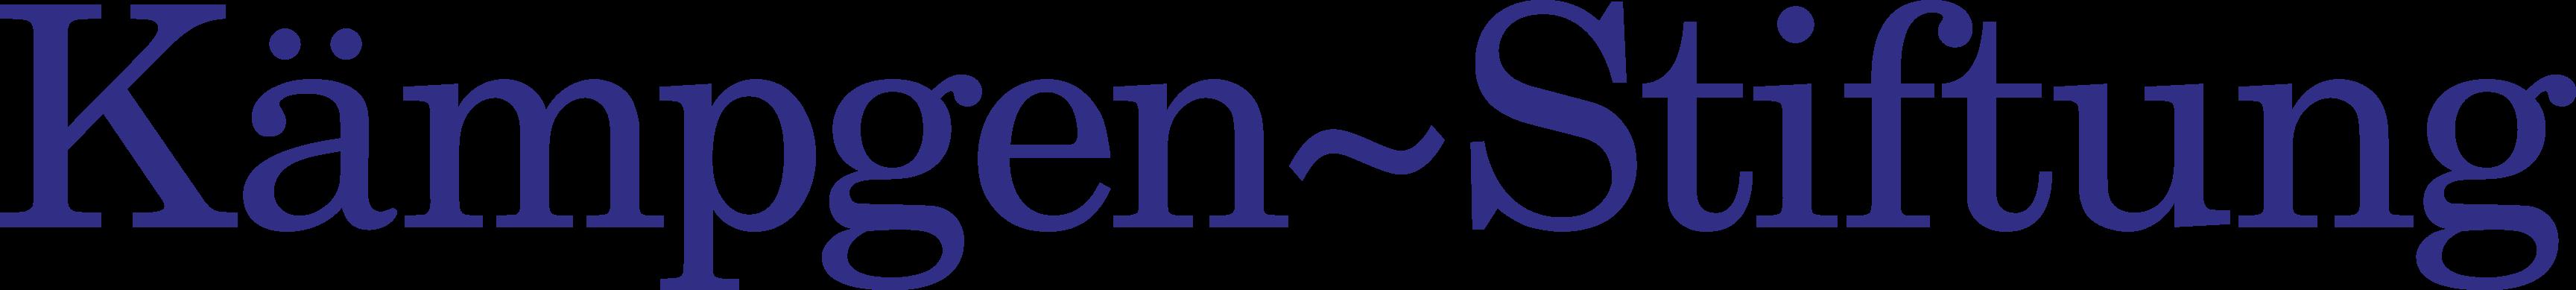 Kämpgen~Stiftung